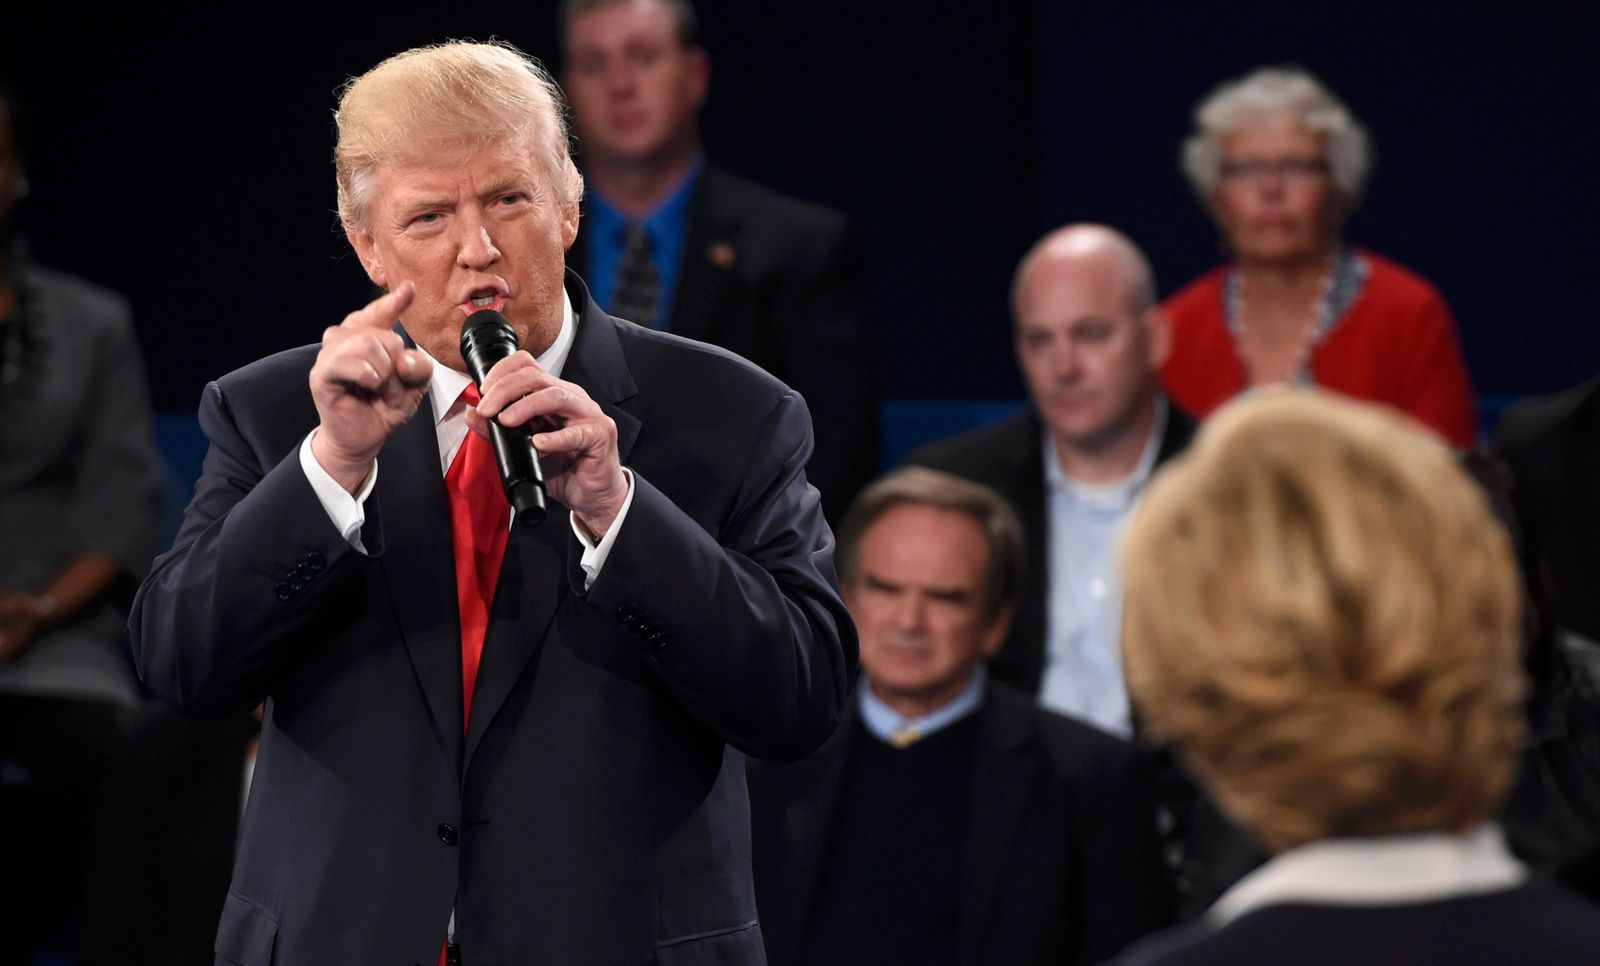 Republican U.S. presidential nominee Trump speaks as Democratic U.S. presidential nominee Clinton listens during their presidential town hall debate in St. Louis